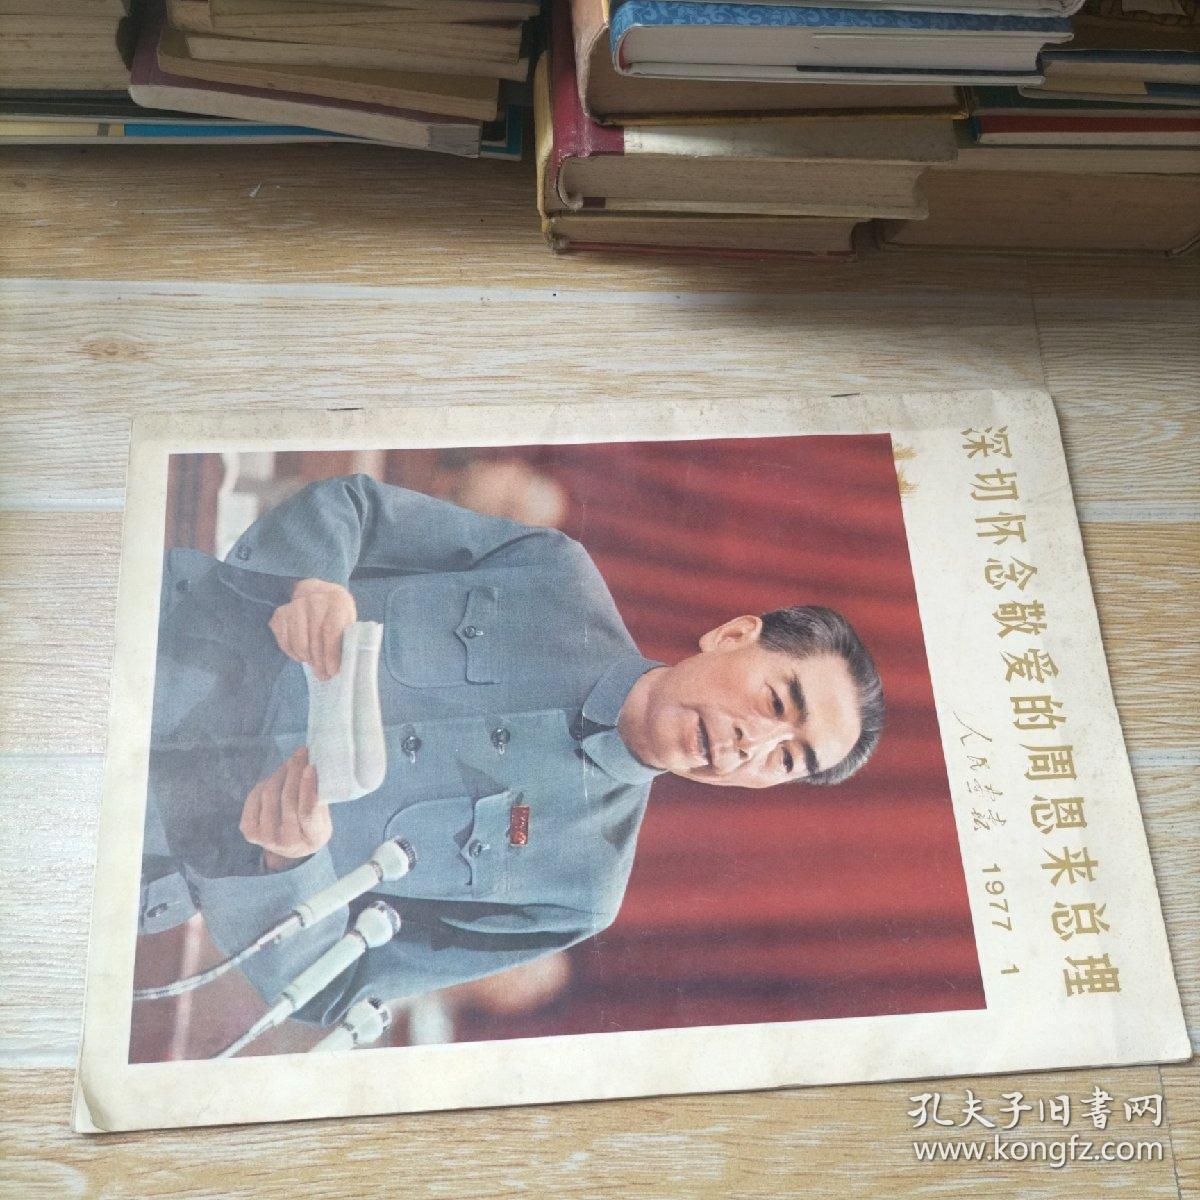 人民画报1977.1 深切怀念敬爱的周总理【书内缺19-22页】